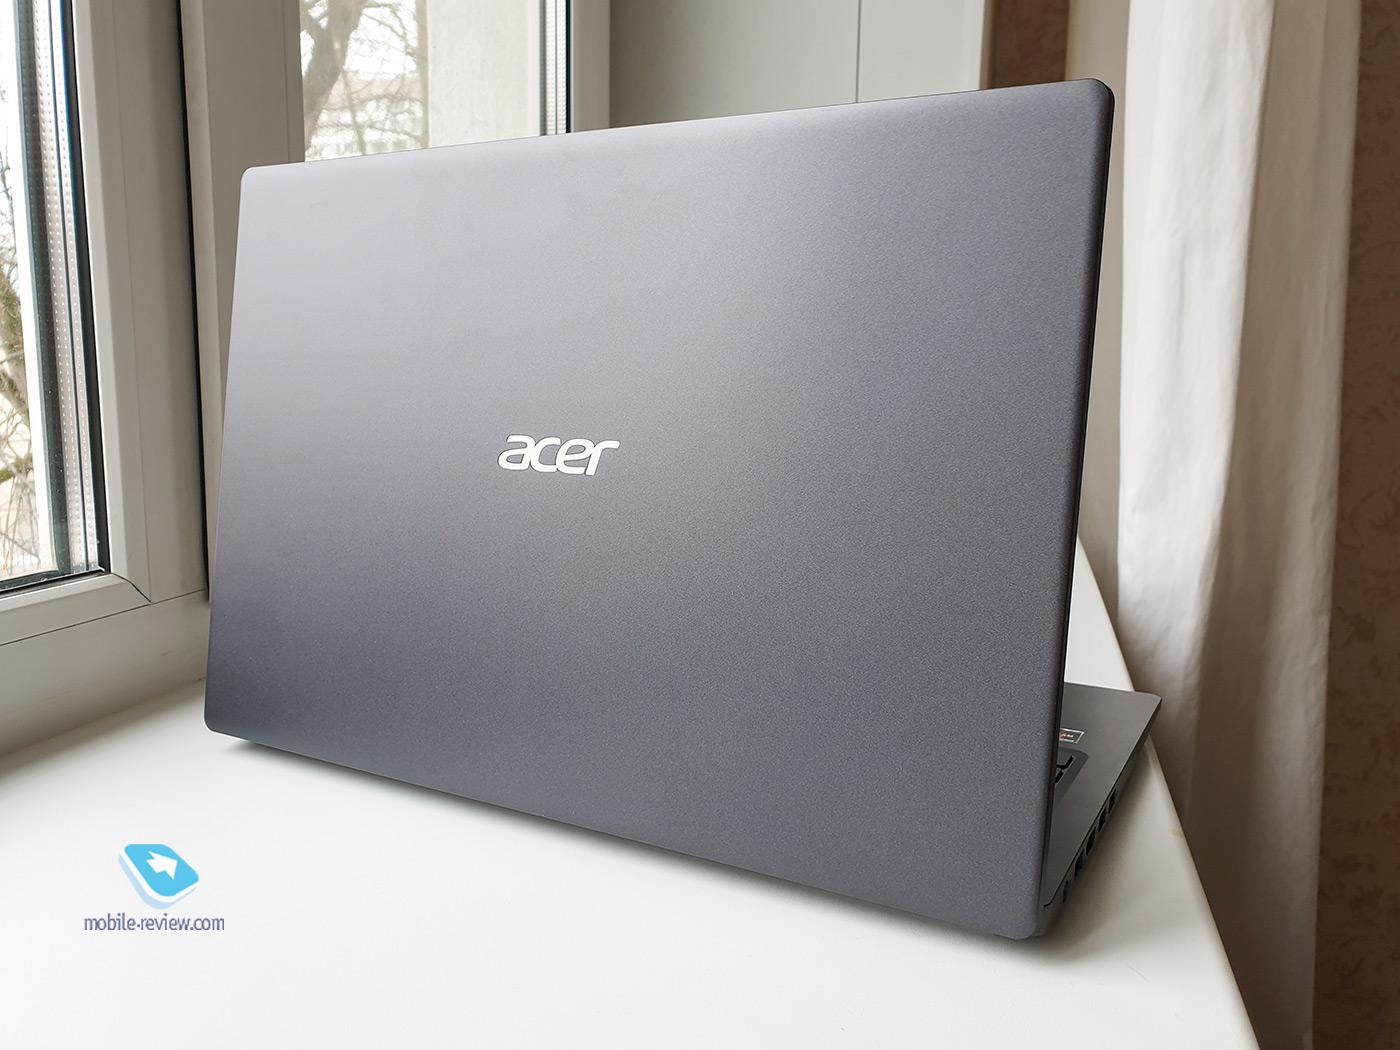 5 характеристик универсального делового ноутбука для офиса (и школы?) на примере Acer Extensa 15